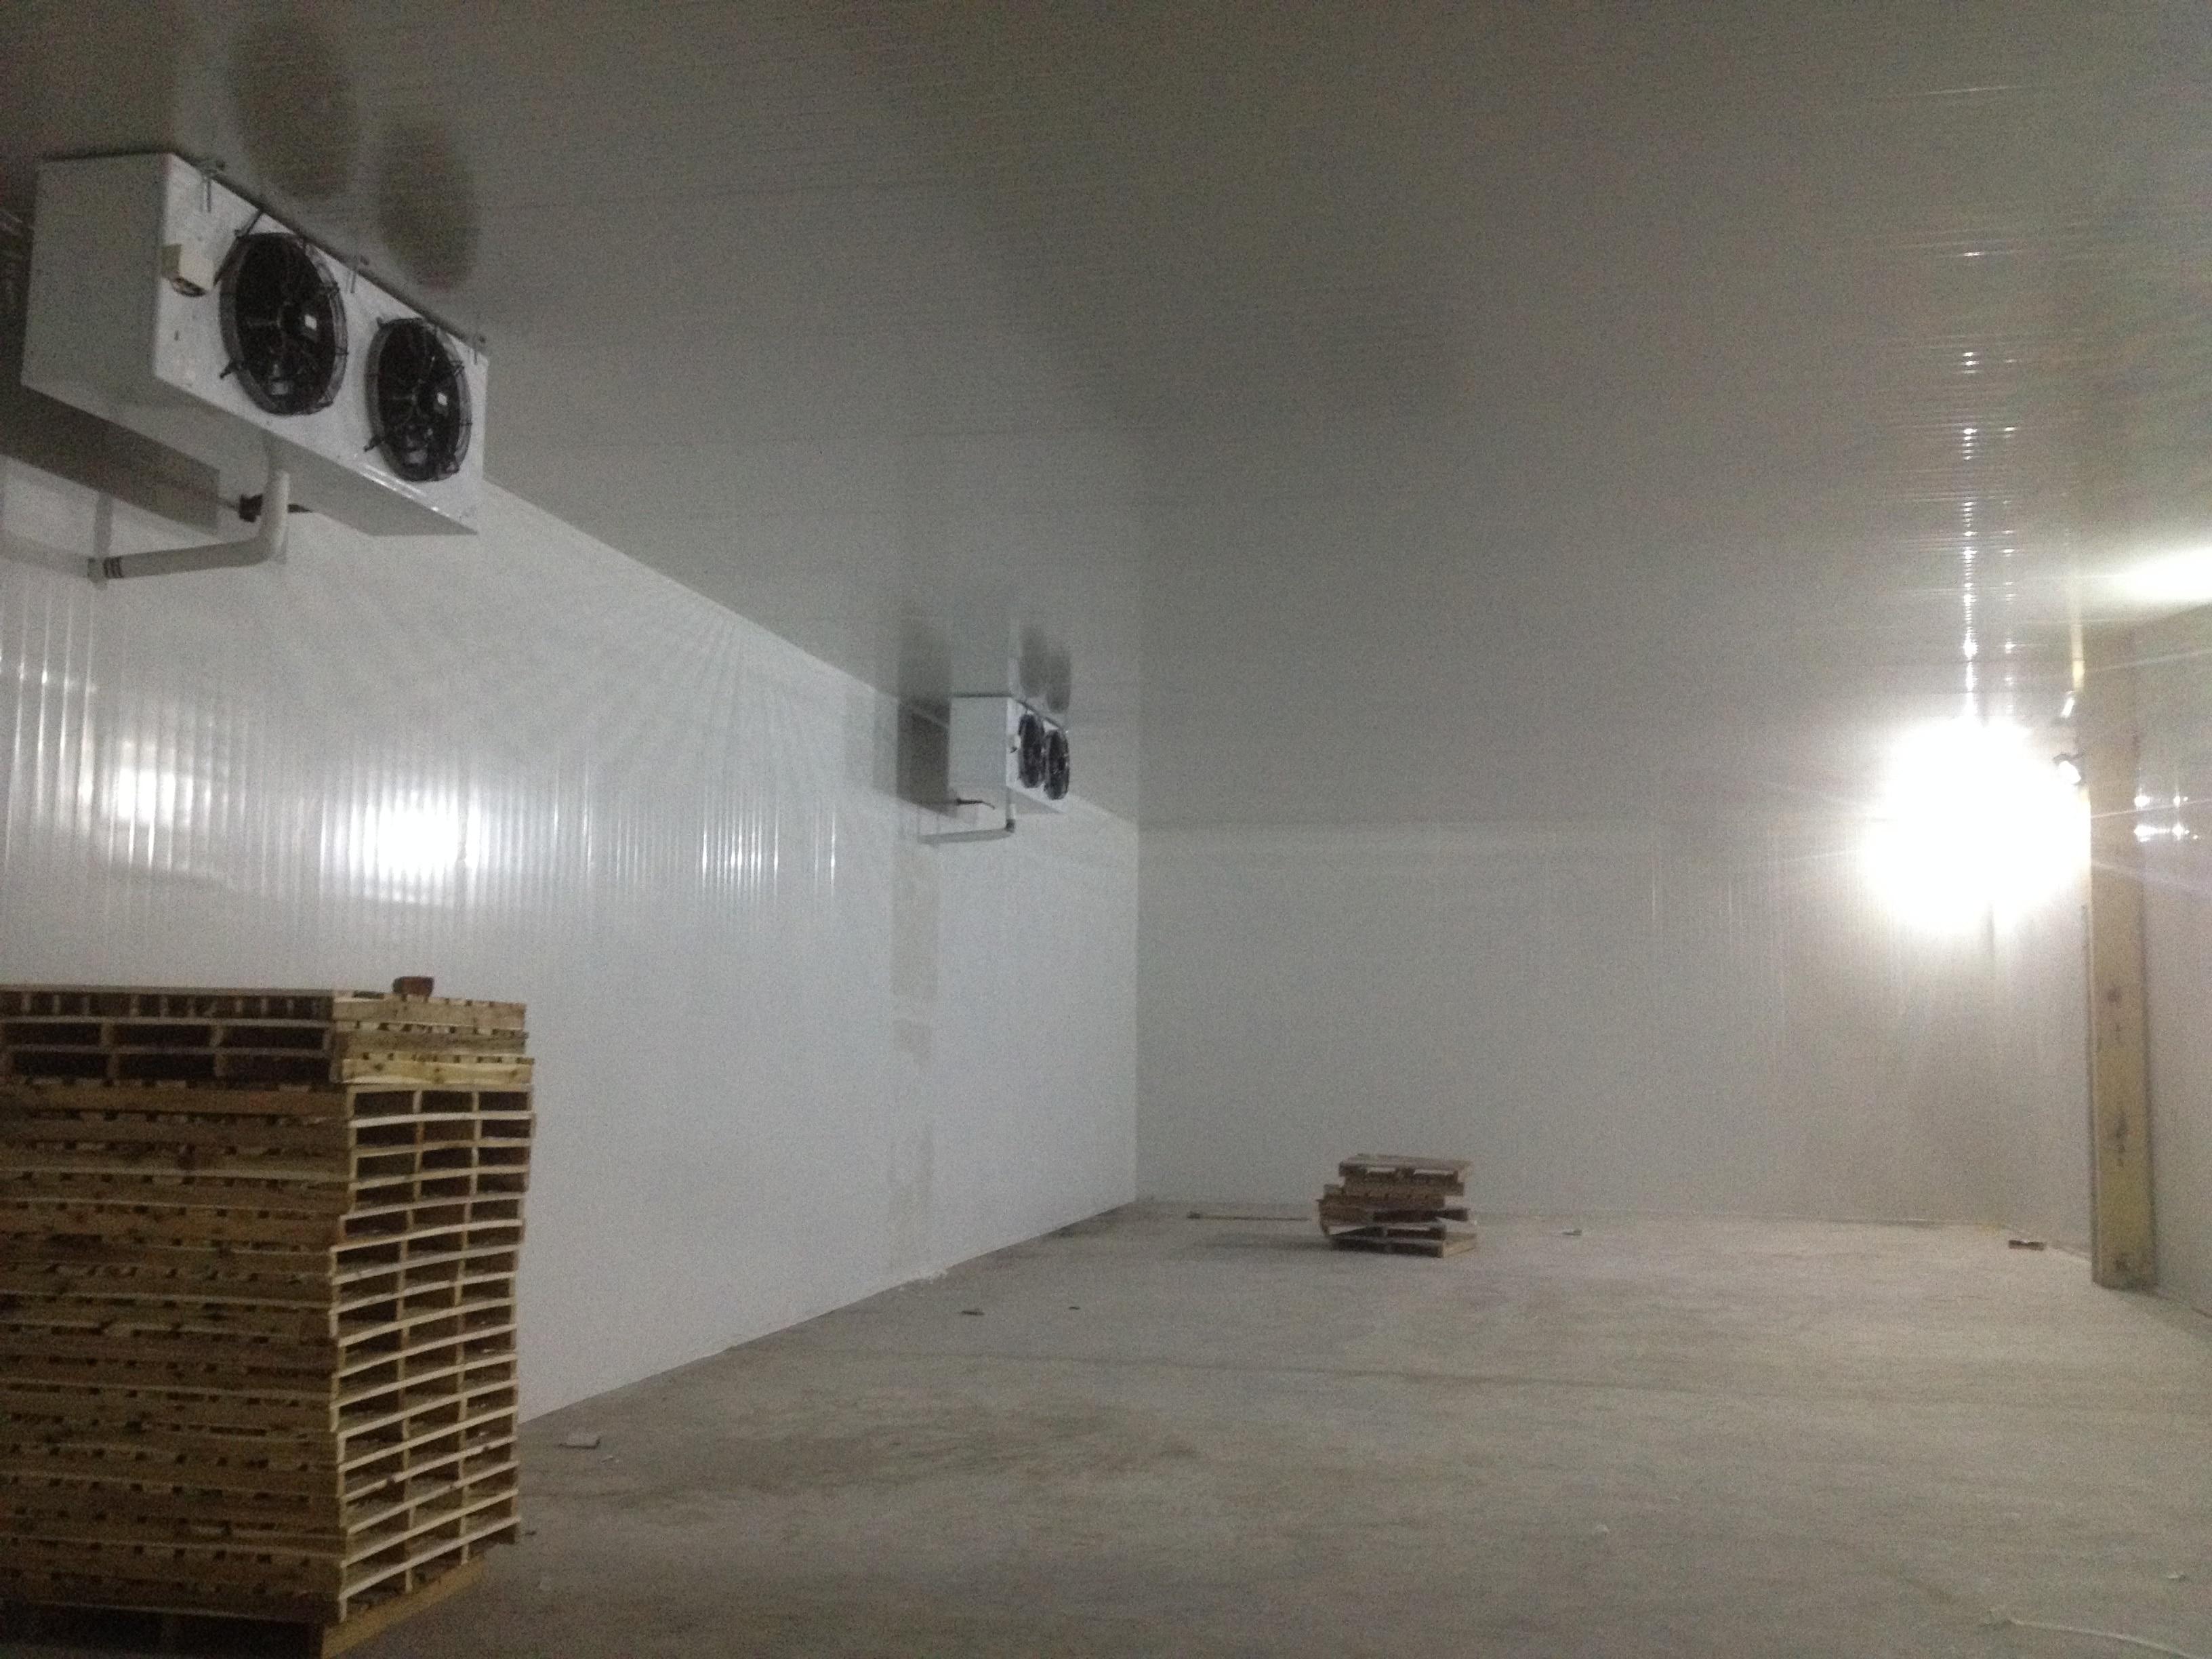 Lắp đặt kho lạnh công nghiệp bảo quản Sushi Nhật Bản. Công ty Nhật Bản đầu tư lắp đặt kho lạnh công nghiệp lớn nhất Việt Nam. Lắp đặt kho lạnh công nghiệp